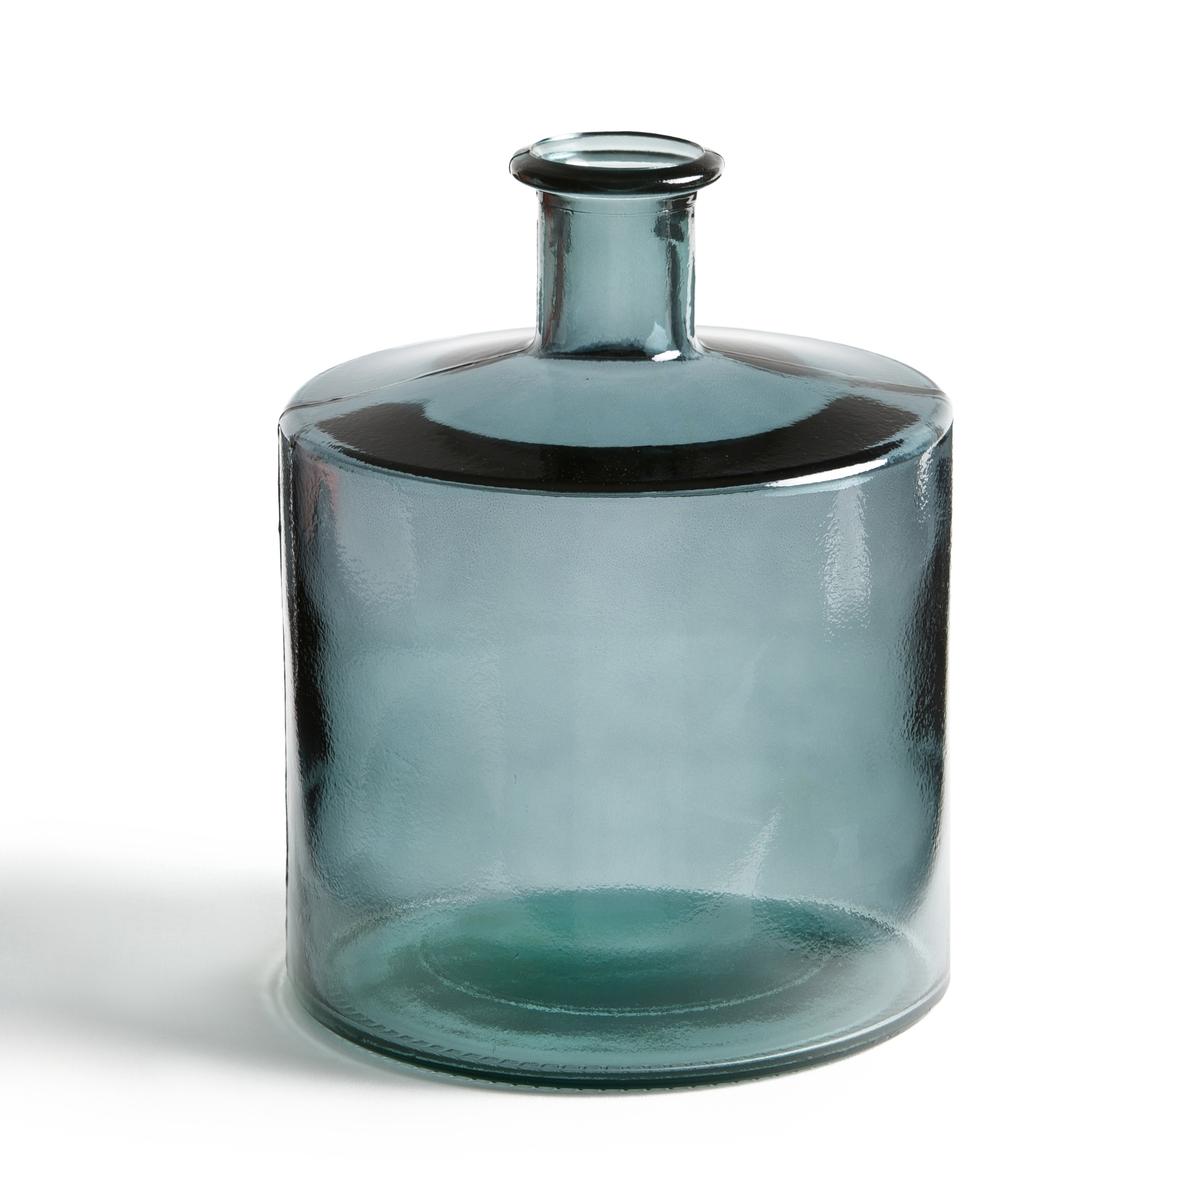 Ваза из оплетенной бутыли IZOLIAОписание:Оплетеная бутыль-ваза из вторично переработанного стекла, проявляющая чвою прозрачность в чистом свете .Описание бутыли-вазы :Из вторично переработанного стекла Размеры бутыли-вазы :Высота 26 смДиаметр 22 см<br><br>Цвет: красный,серый<br>Размер: единый размер.единый размер